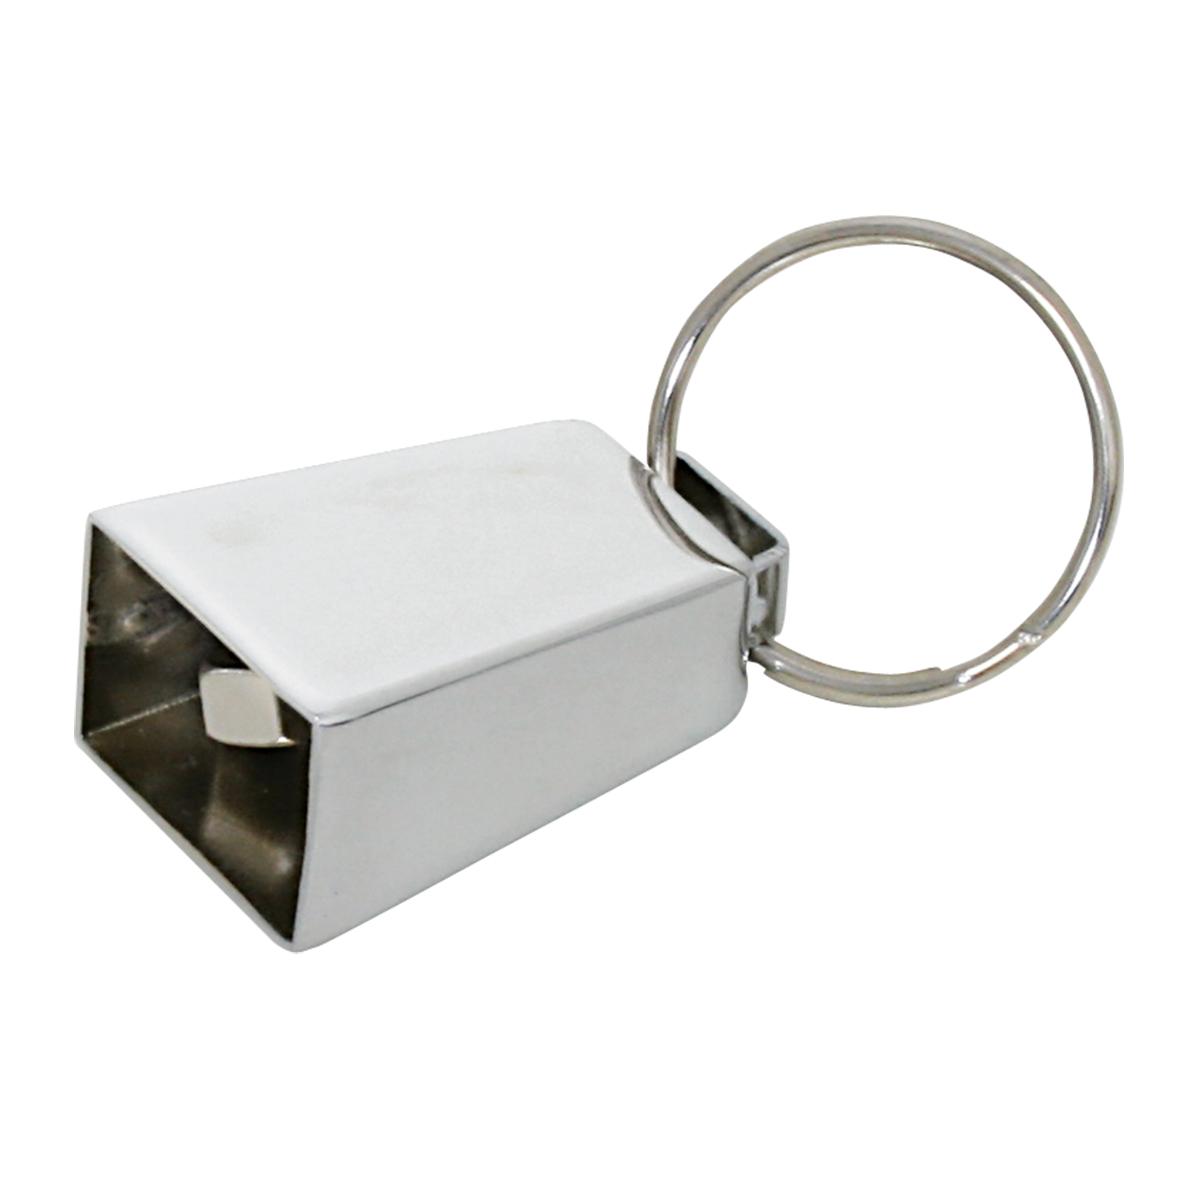 93359 Chrome Mini Cow Bell Key Chain